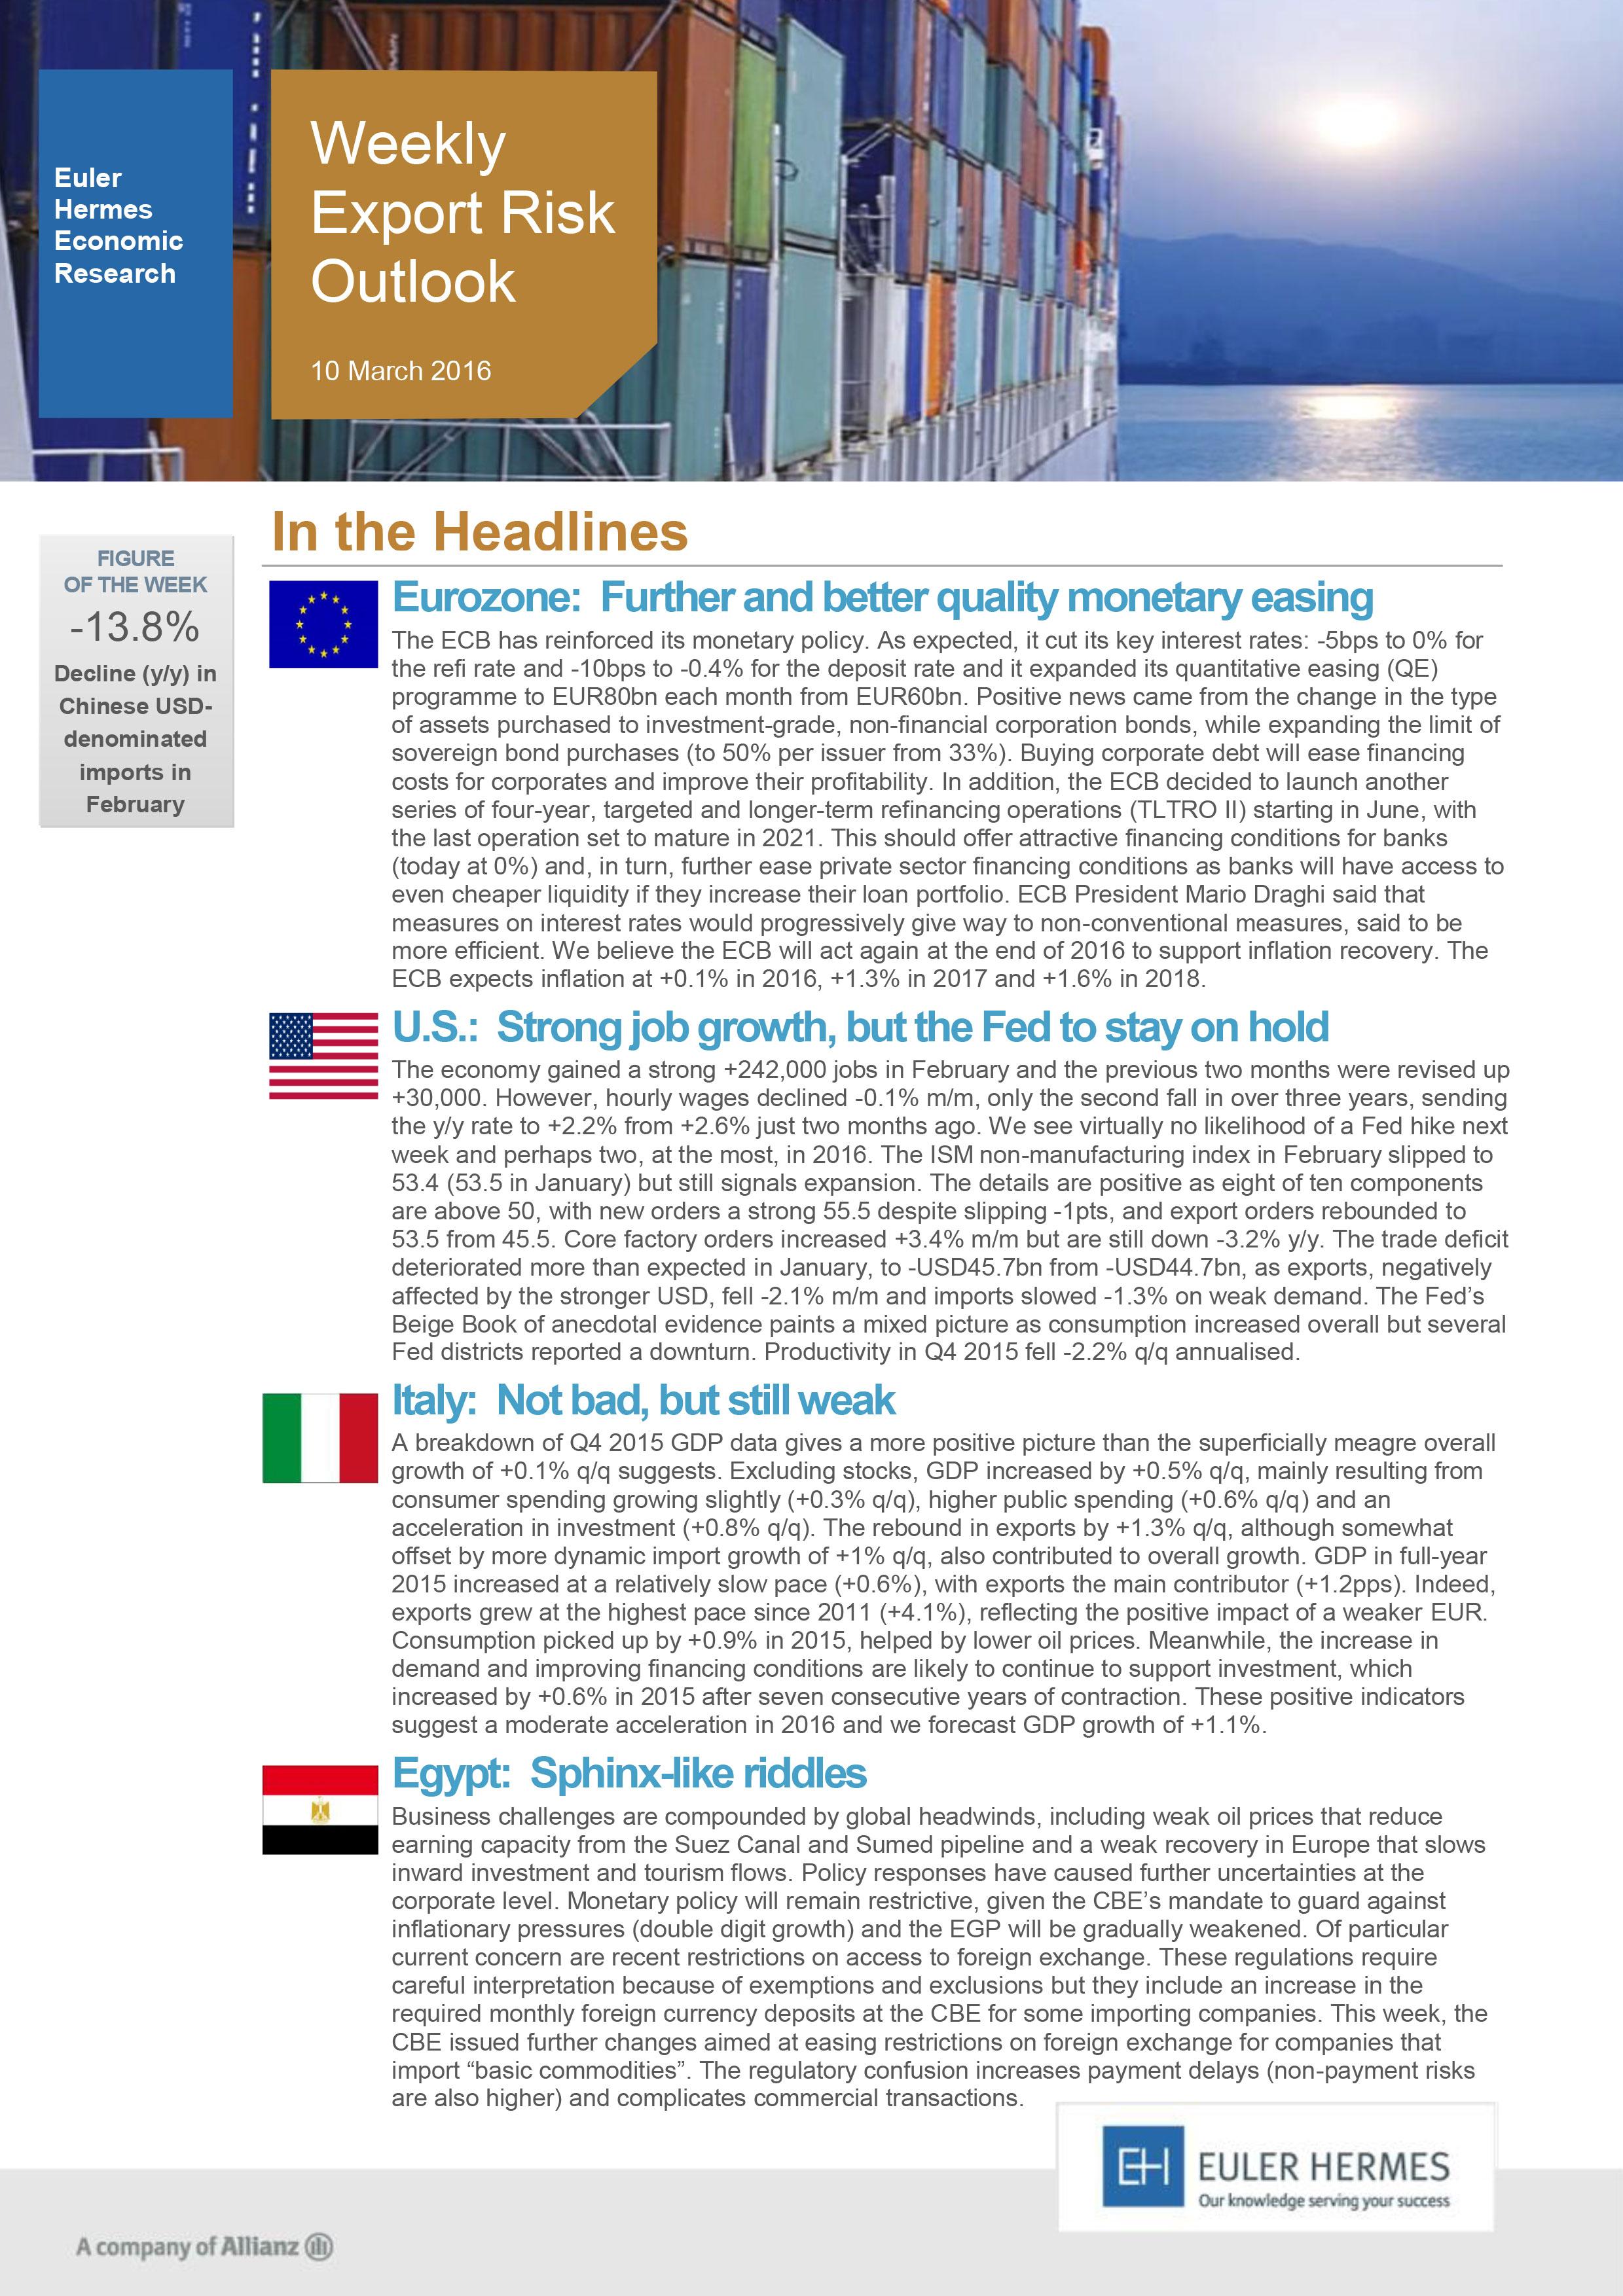 2016_03_10_Weekly_Export_Risk_Outlook-n09-1